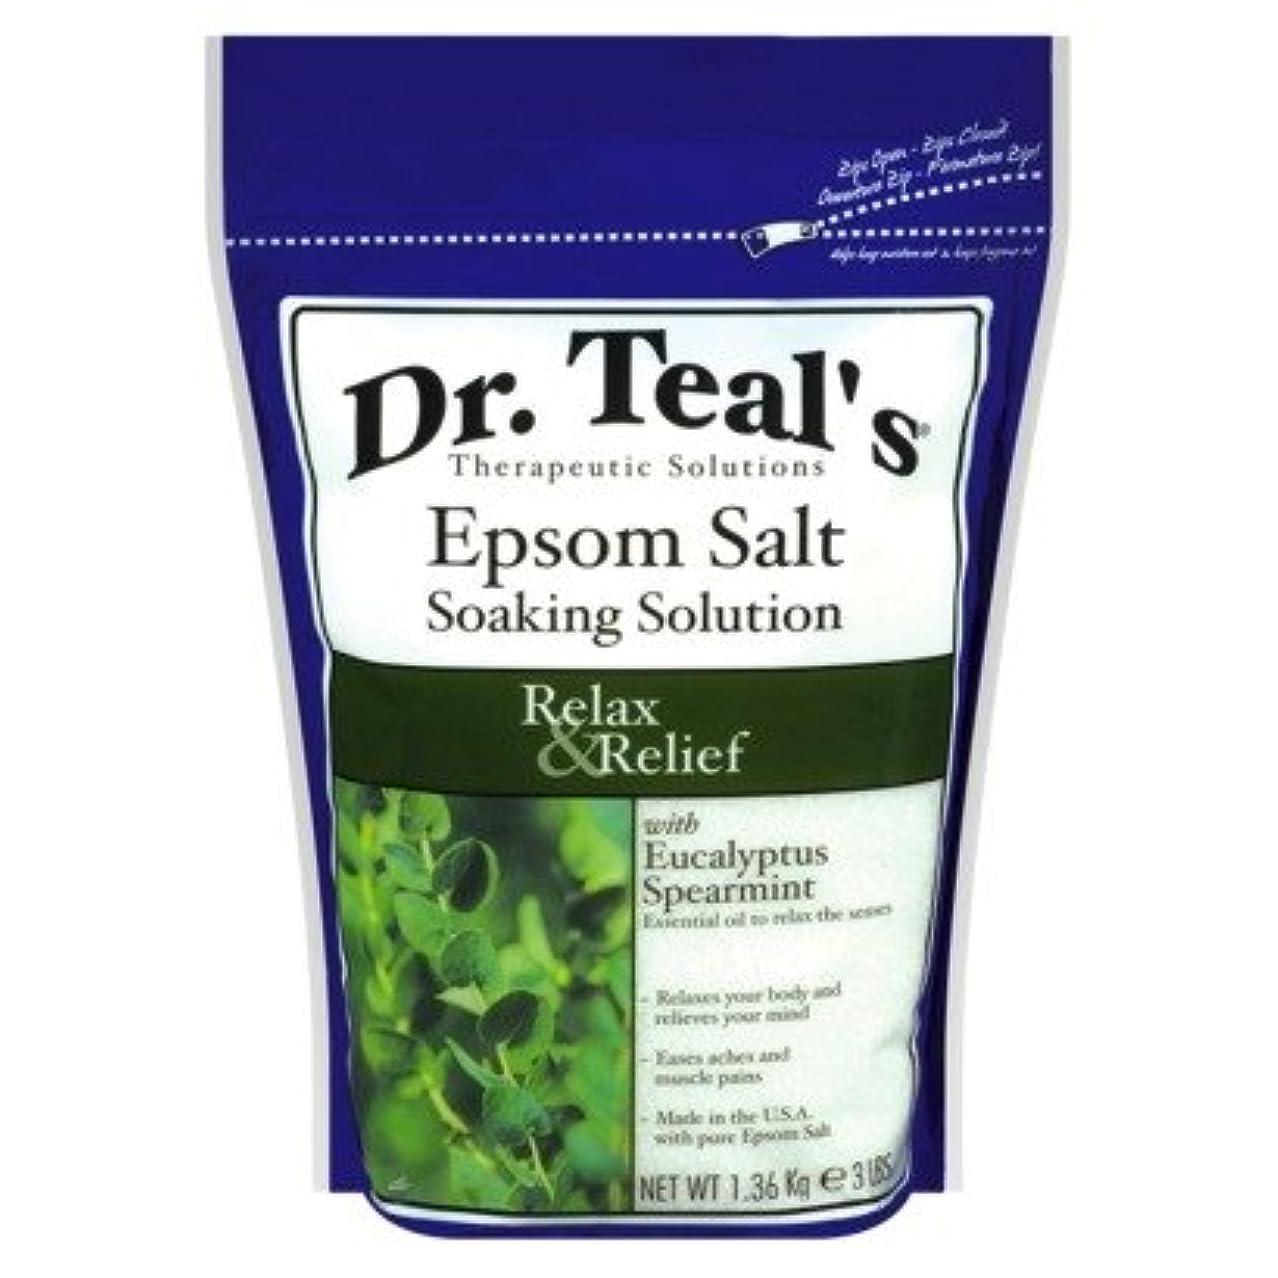 劇場新しさ好きである【海外直送】リラックス効果 Dr. Teal's Relax Epsom Salt Eucalyptus Spearmint Soaking Solution ユーカリ&スペアミント 1.36kg